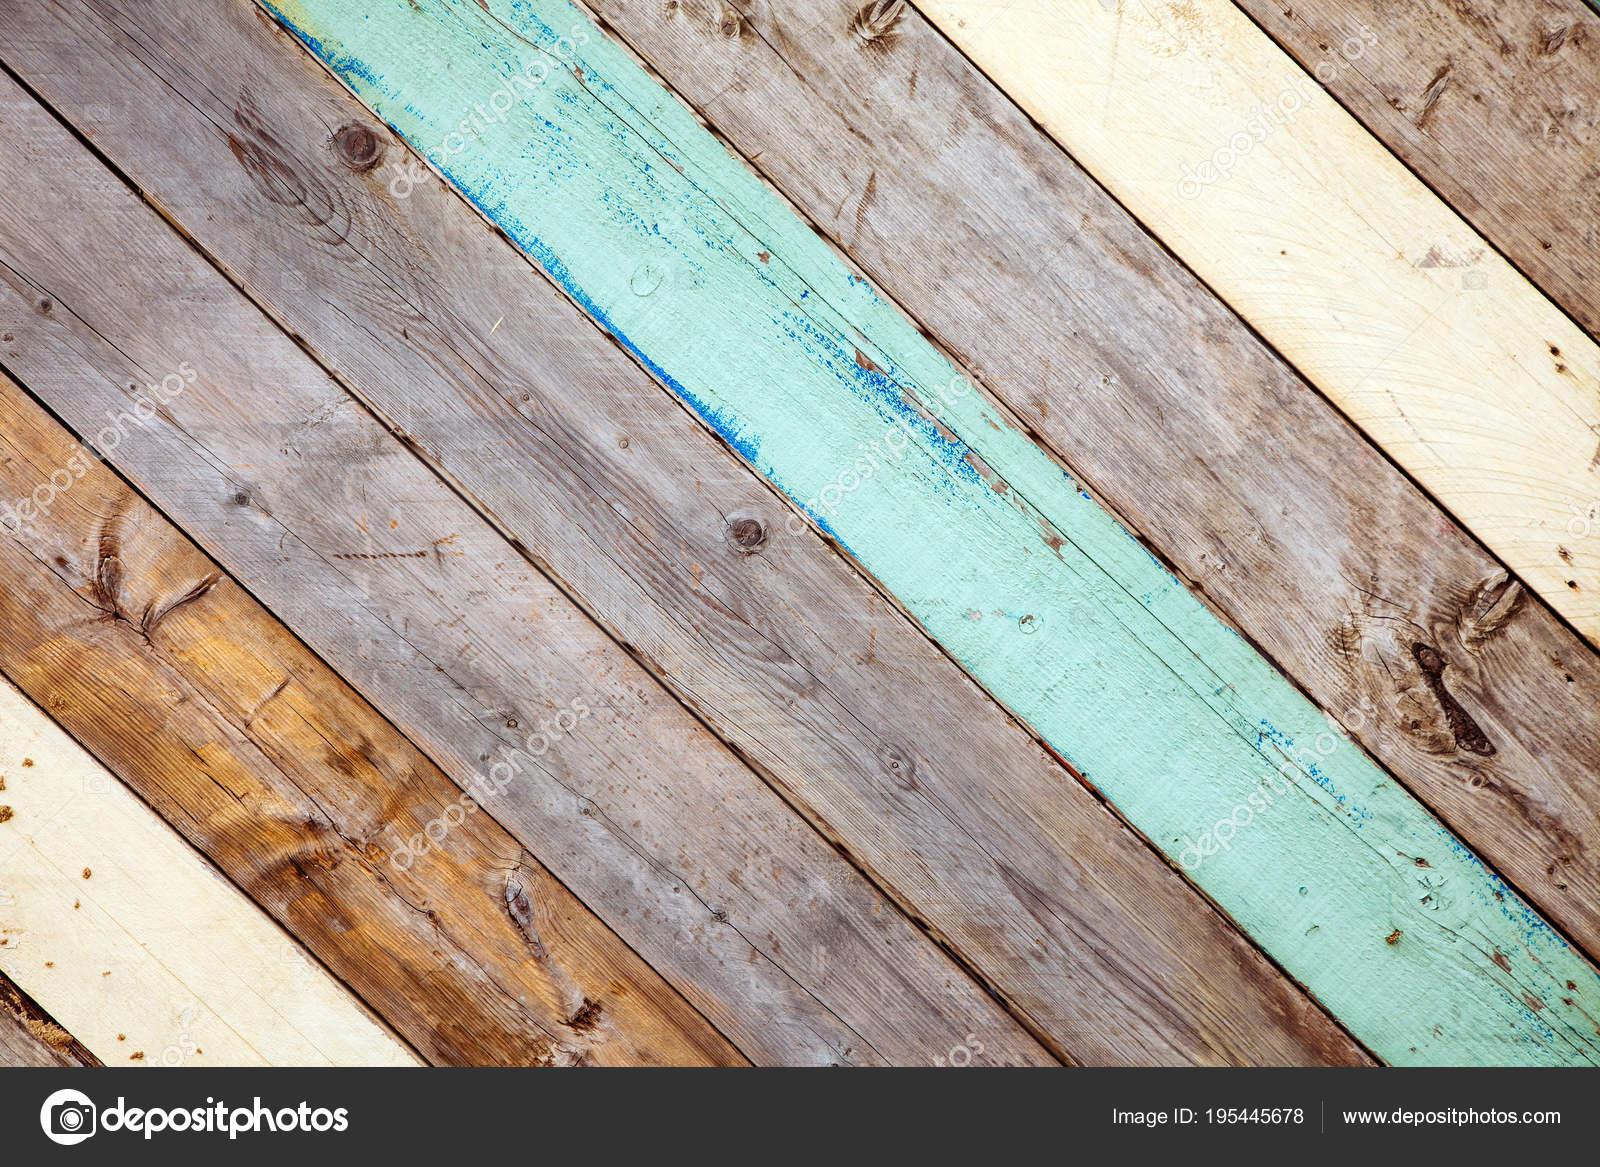 Fondos De Pantalla Fondo De Tablero De Madera De Colores: Madera Fondo Vintage Wallpaper Tablero Multicolor Azul